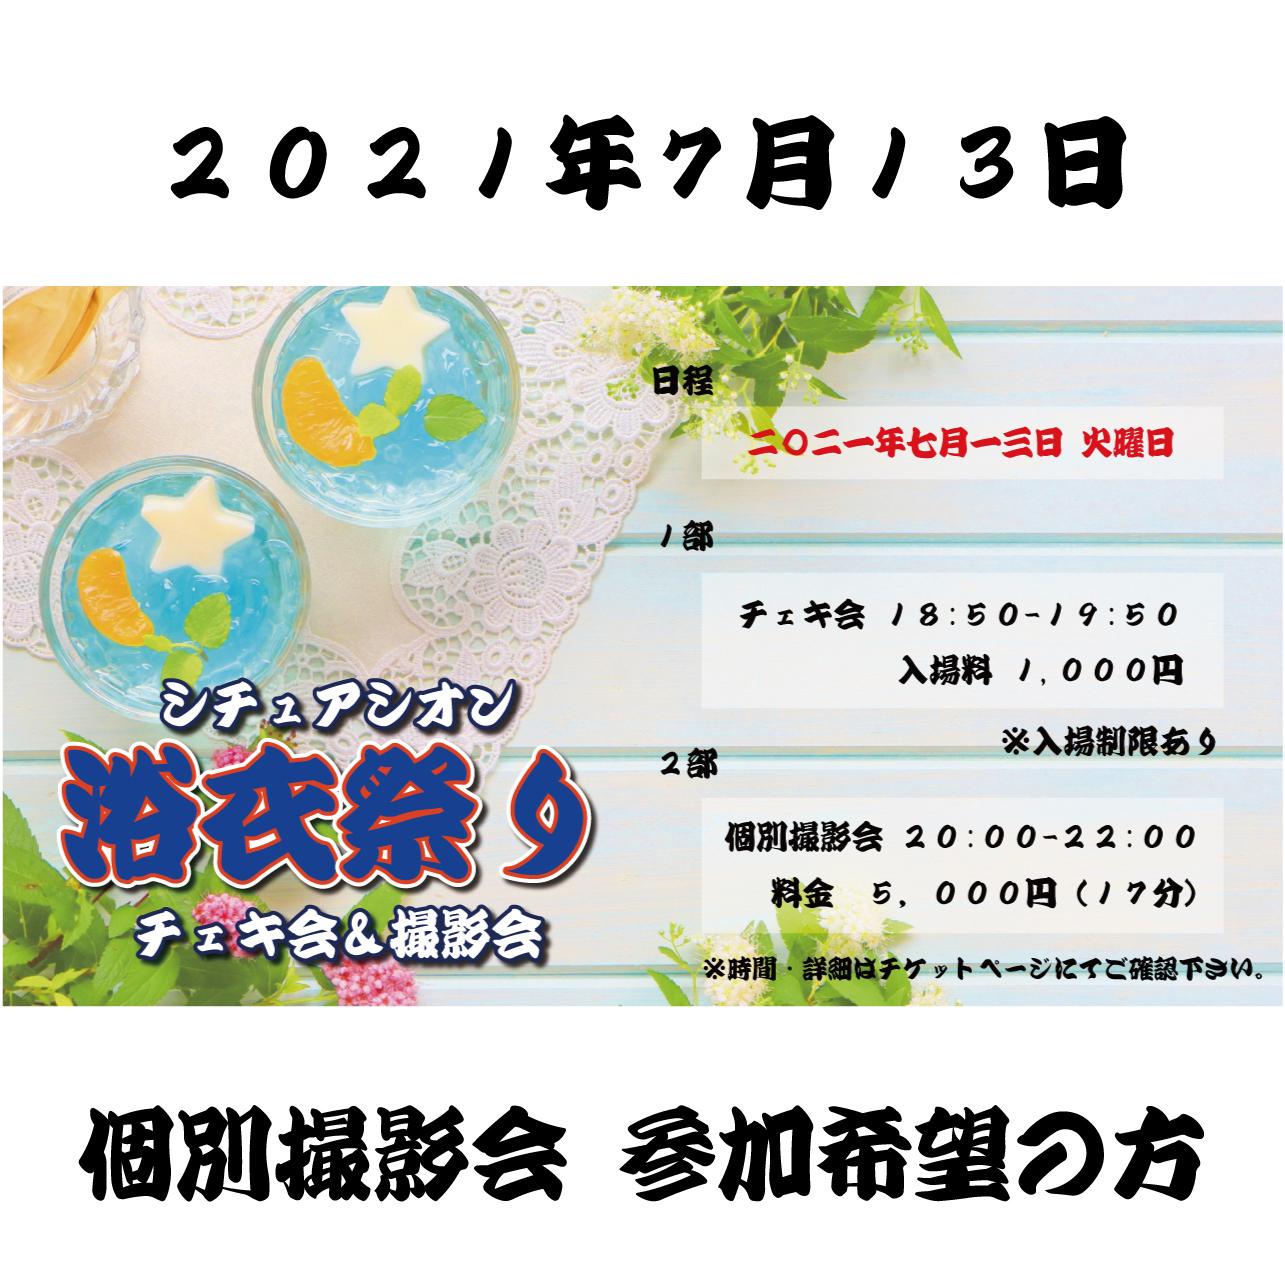 【シチュアシオン浴衣祭り】撮影会参加チケット